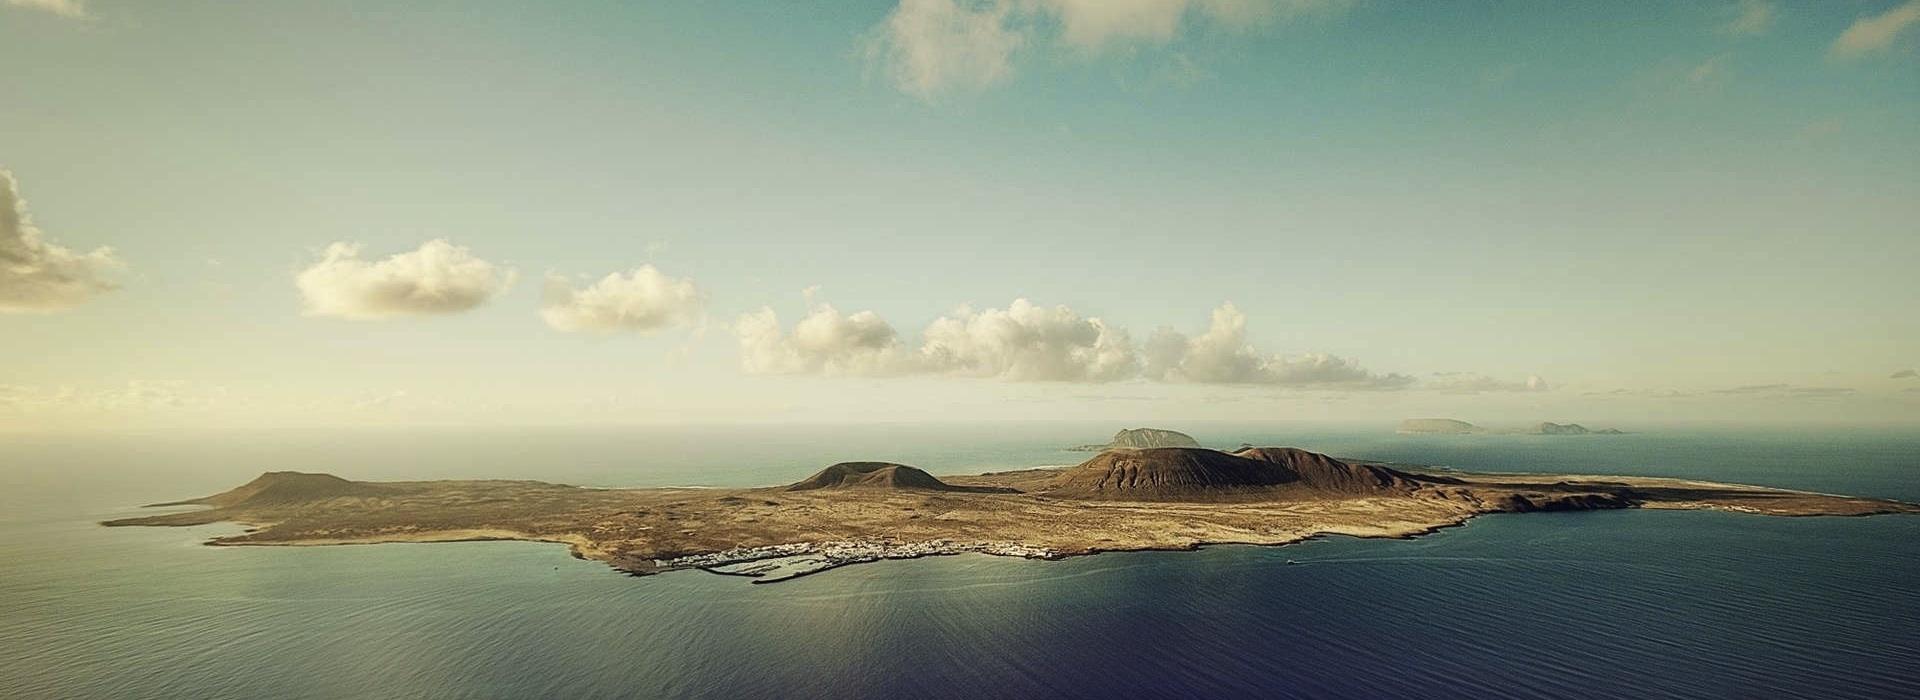 Русский Восток - Курильские острова